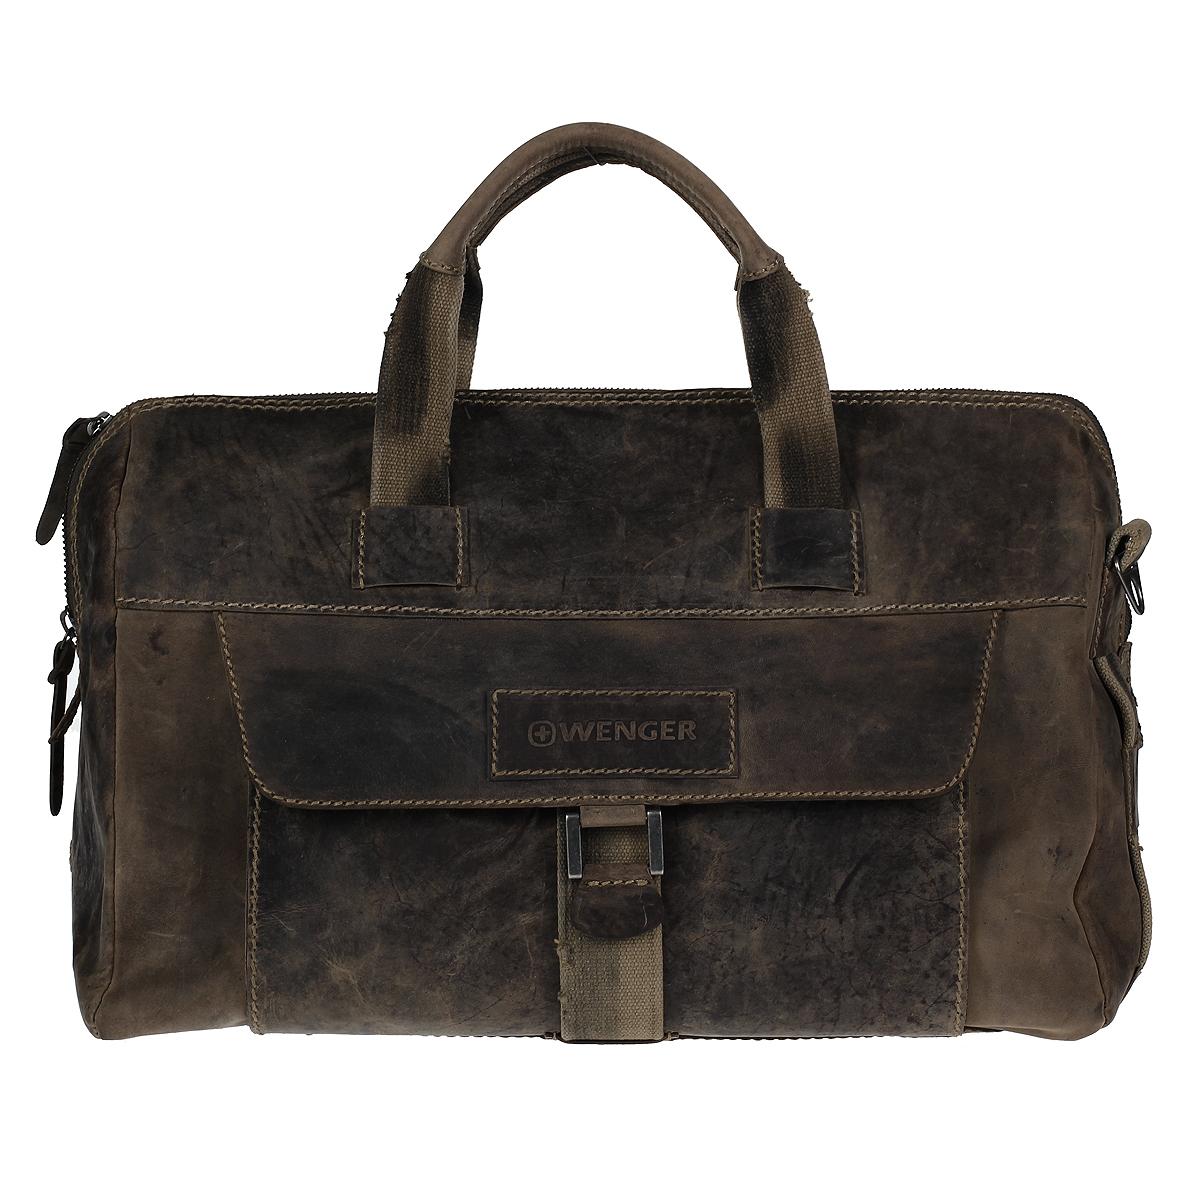 Сумка дорожная мужская Wenger Stonehide, цвет: светло-коричневый. W16-09W16-09Мужская дорожная сумка в стиле casual Wenger Stonehide изготовлена из высококачественной натуральной кожи светло-коричневого цвета. Кожа серии Stonehide - это крепкая, эластичная бычья кожа, обработанная по традиционной технологии - грубые швы, состаренные ремни. Потертый внешний вид делает изделие уникальным и создает специфический эффект старины. Сумка по всей поверхности оформлена стежками бежевого цвета. Сумка имеет одно основное отделение, которое закрывается на застежку-молнию. Внутри содержится два накладных кармашка, два держателя для ручек, вшитый карман на молнии и 6 кармашков для пластиковых карт или визиток. Внутренняя поверхность отделана полиэстером коричневого цвета. С лицевой стороны сумки расположено отделение для планшета, закрывающееся клапаном на магнитную кнопку. С задней стороны сумки расположено дополнительное отделение на молнии. Изделие оснащено двумя удобными короткими ручками и отстегивающимся плечевым ремнем регулируемой длины из плотного полиэстера. Ремень снабжен вставкой для удобной переноски на плече. Дорожная сумка подчеркнет ваш современный взгляд на собственный стиль в пути. Изделия Wenger привлекают внимание модников со всех уголков мира. Изделия Wenger - это мода, которая не подвластна течению времени. Изысканная грациозность, непревзойденное чувство стиля и эстетика - все это главные черты изделий Wenger. Если вы собираетесь в путешествие, то вам идеально подойдут дорожные сумки Wenger. Потрясающий стиль для мужчин с высокими требованиями.По всем вопросам гарантийного и постгарантийного обслуживания рюкзаков, чемоданов, спортивных и кожаных сумок, а также портмоне марок Wenger и SwissGear вы можете обратиться в сервис-центр, расположенный по адресу: г. Москва, Саввинская набережная, д.3. Тел: (495) 788-39-96, (499) 248-56-56, ежедневно с 9:00 до 21:00. Подробные условия гарантийного обслуживания приведены в гарантийном талоне, поставляемым в комплекте 